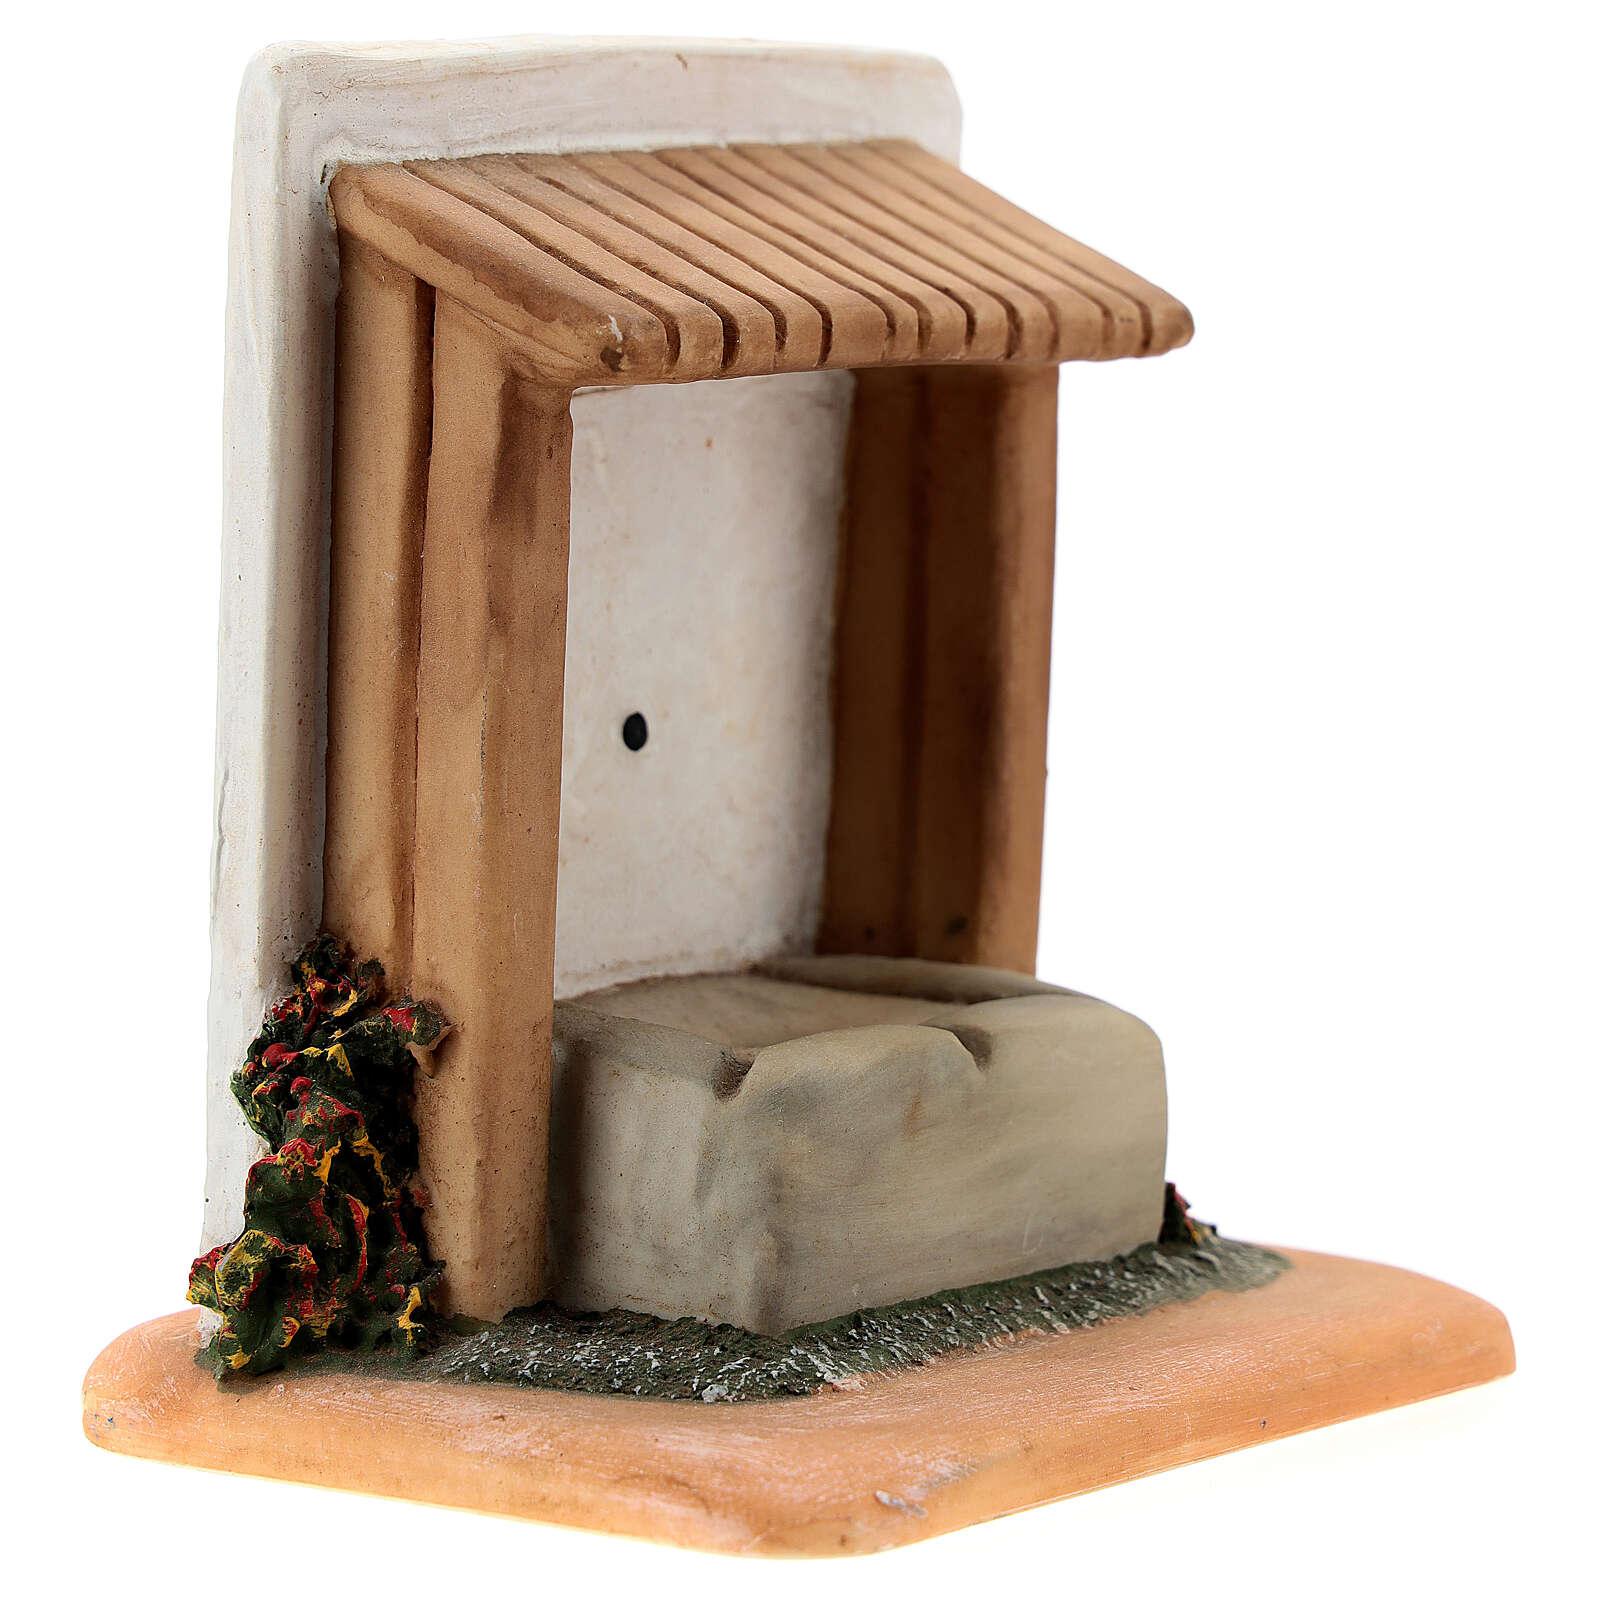 STOCK Abbeveratoio con tetto resina presepe 7 cm Fontanini 4